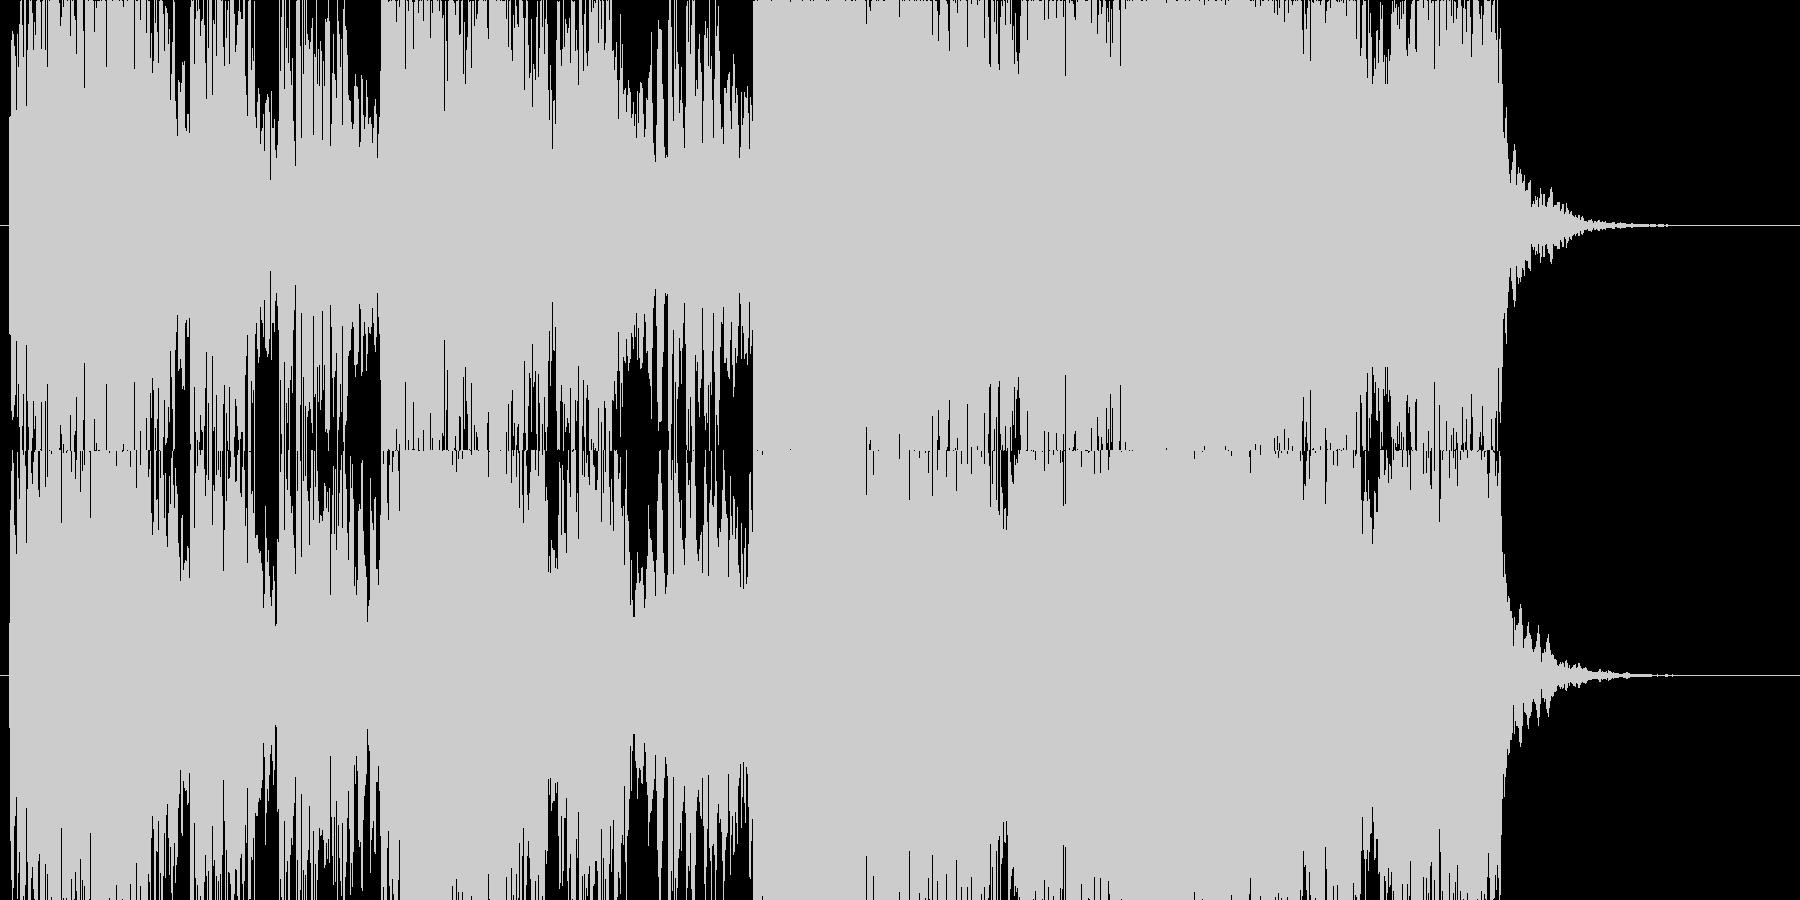 薄暗い雰囲気のホラーBGMです。の未再生の波形